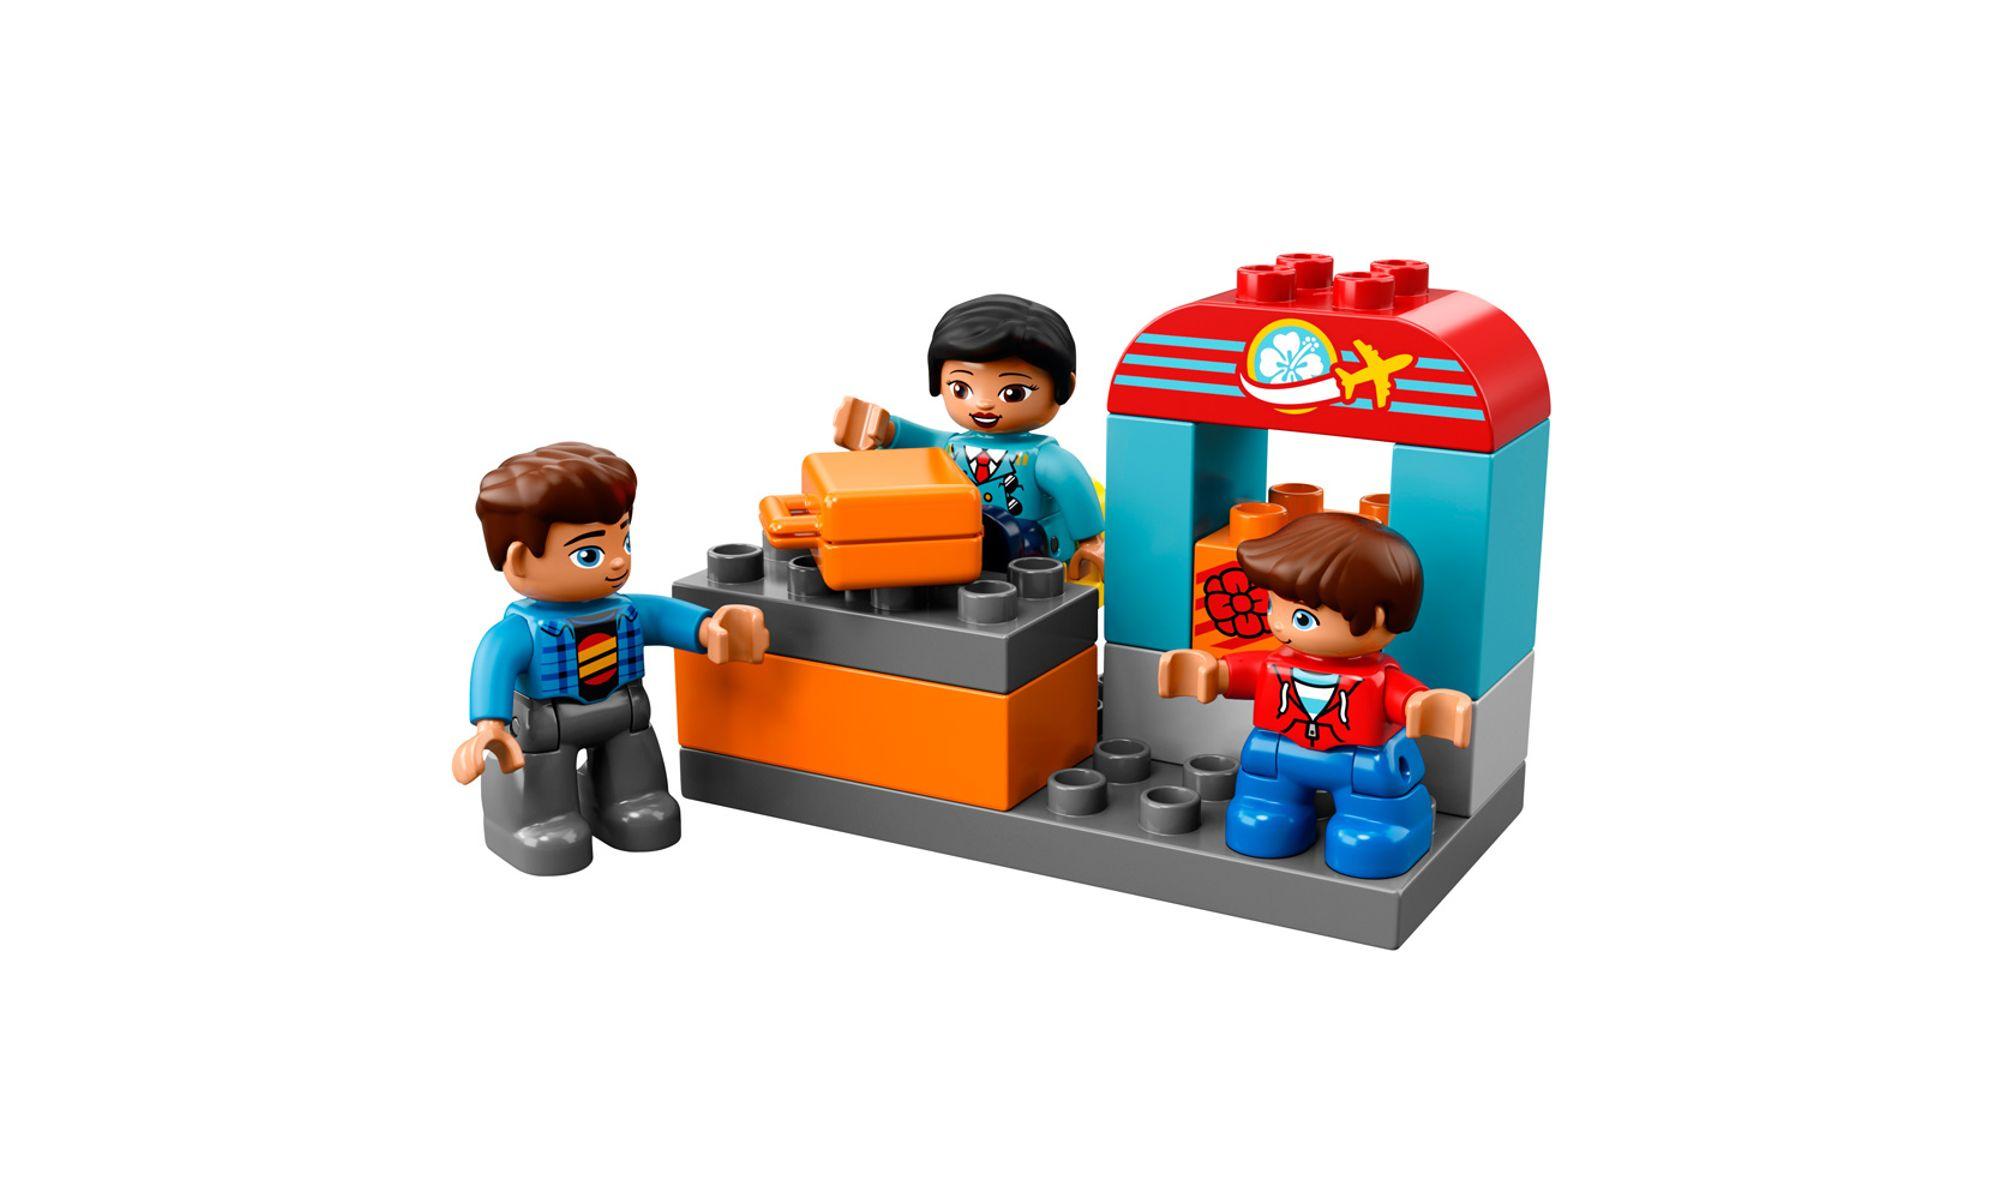 Aeroporto Lego : Lego duplo aeroporto lego